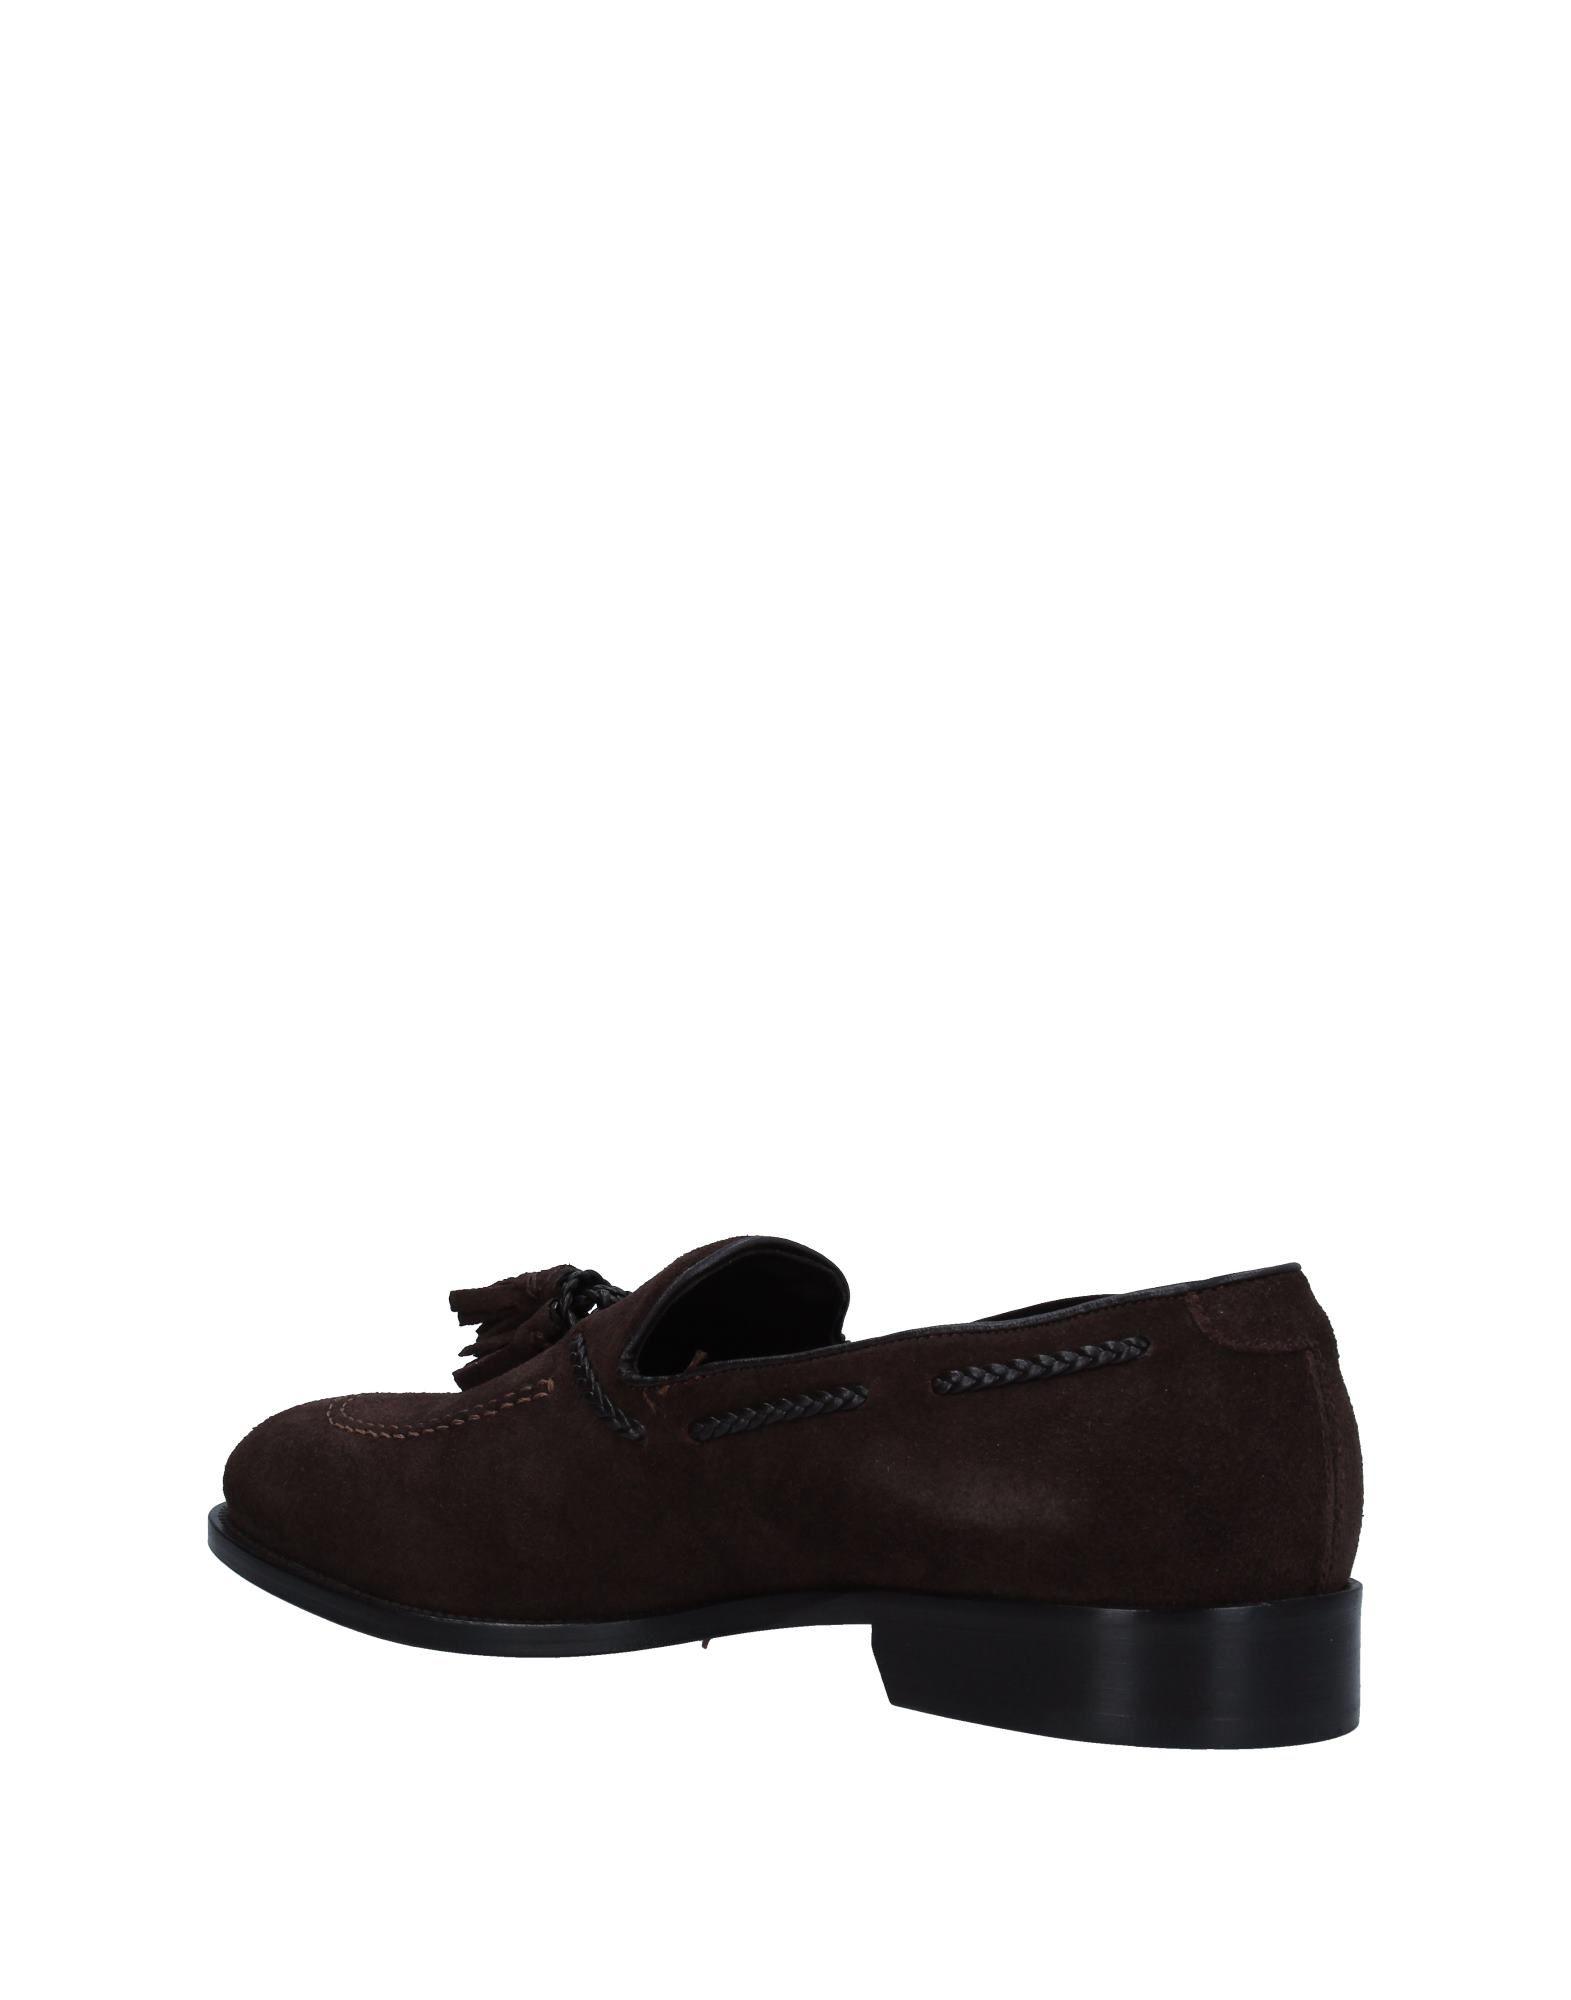 Luxury Gutes Shoes Mokassins Herren Gutes Luxury Preis-Leistungs-Verhältnis, es lohnt sich,Billig-2652 f9701a